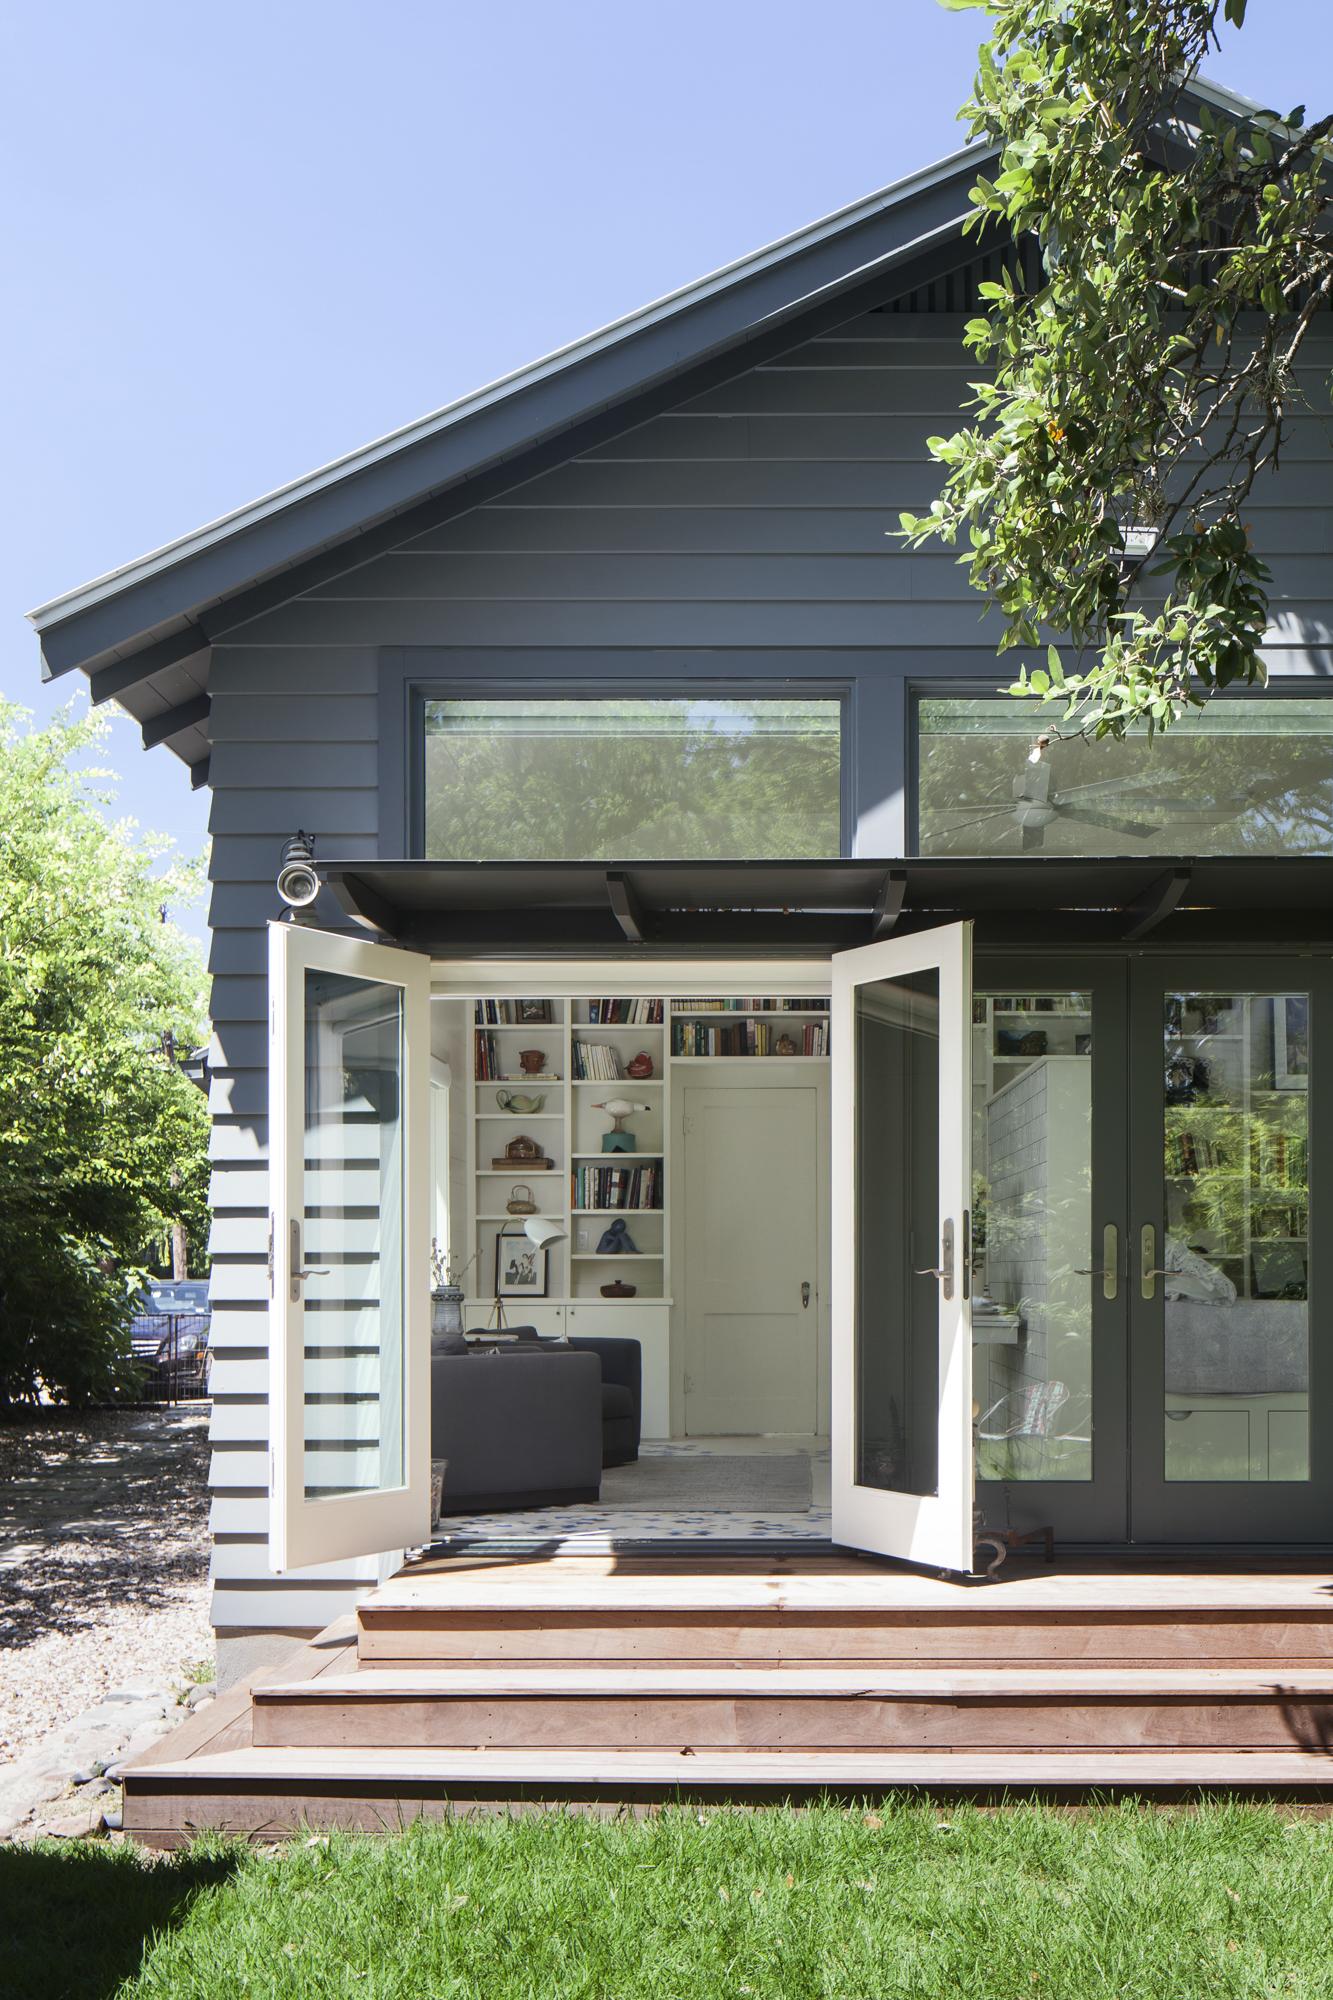 Elizabeth-Baird-Architecture-Annie Street-house and patio.jpg